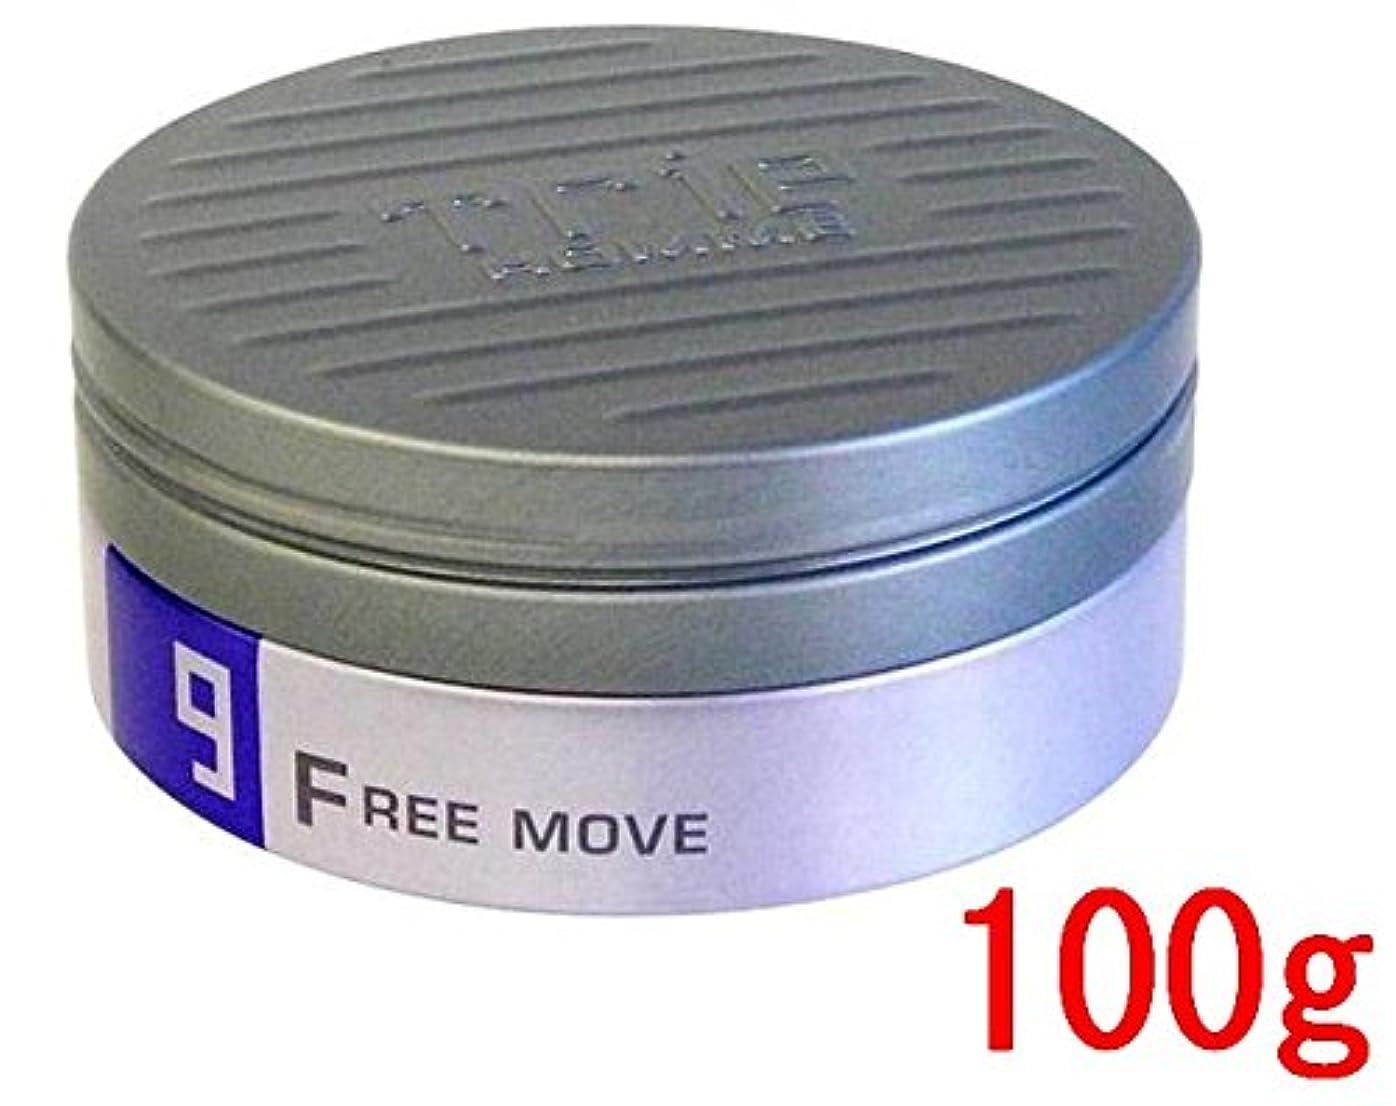 ルベル トリエオム フリームーブ9 100g